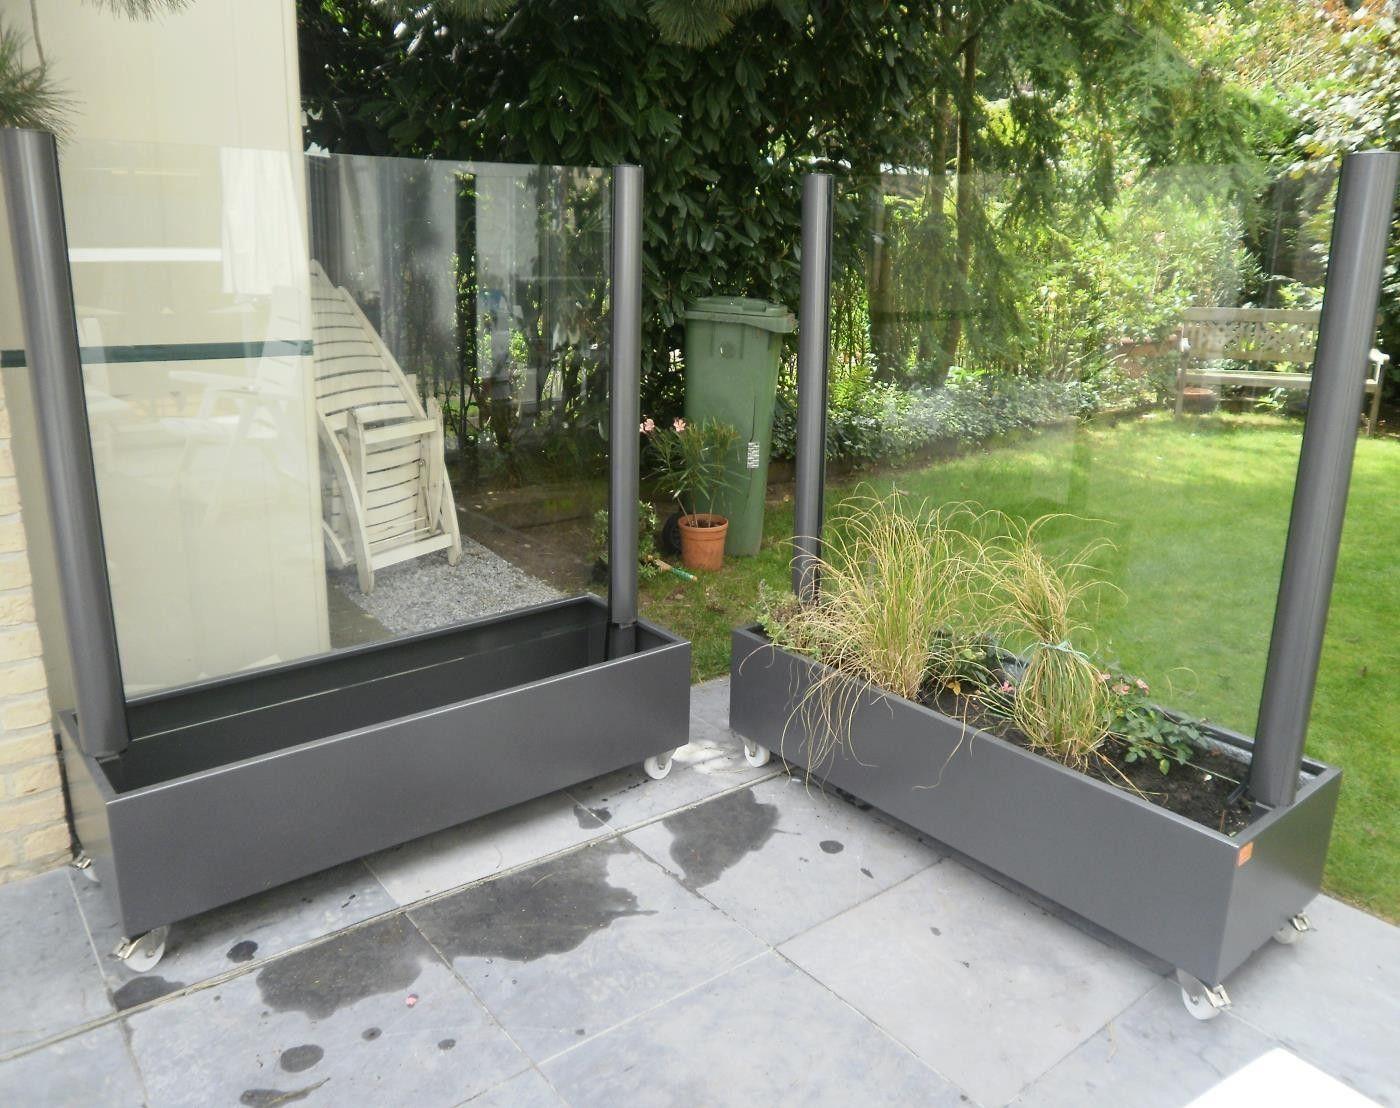 Plexiglas Windscherm Tuin : Mobiel windscherm flower line terras afscheiding glas